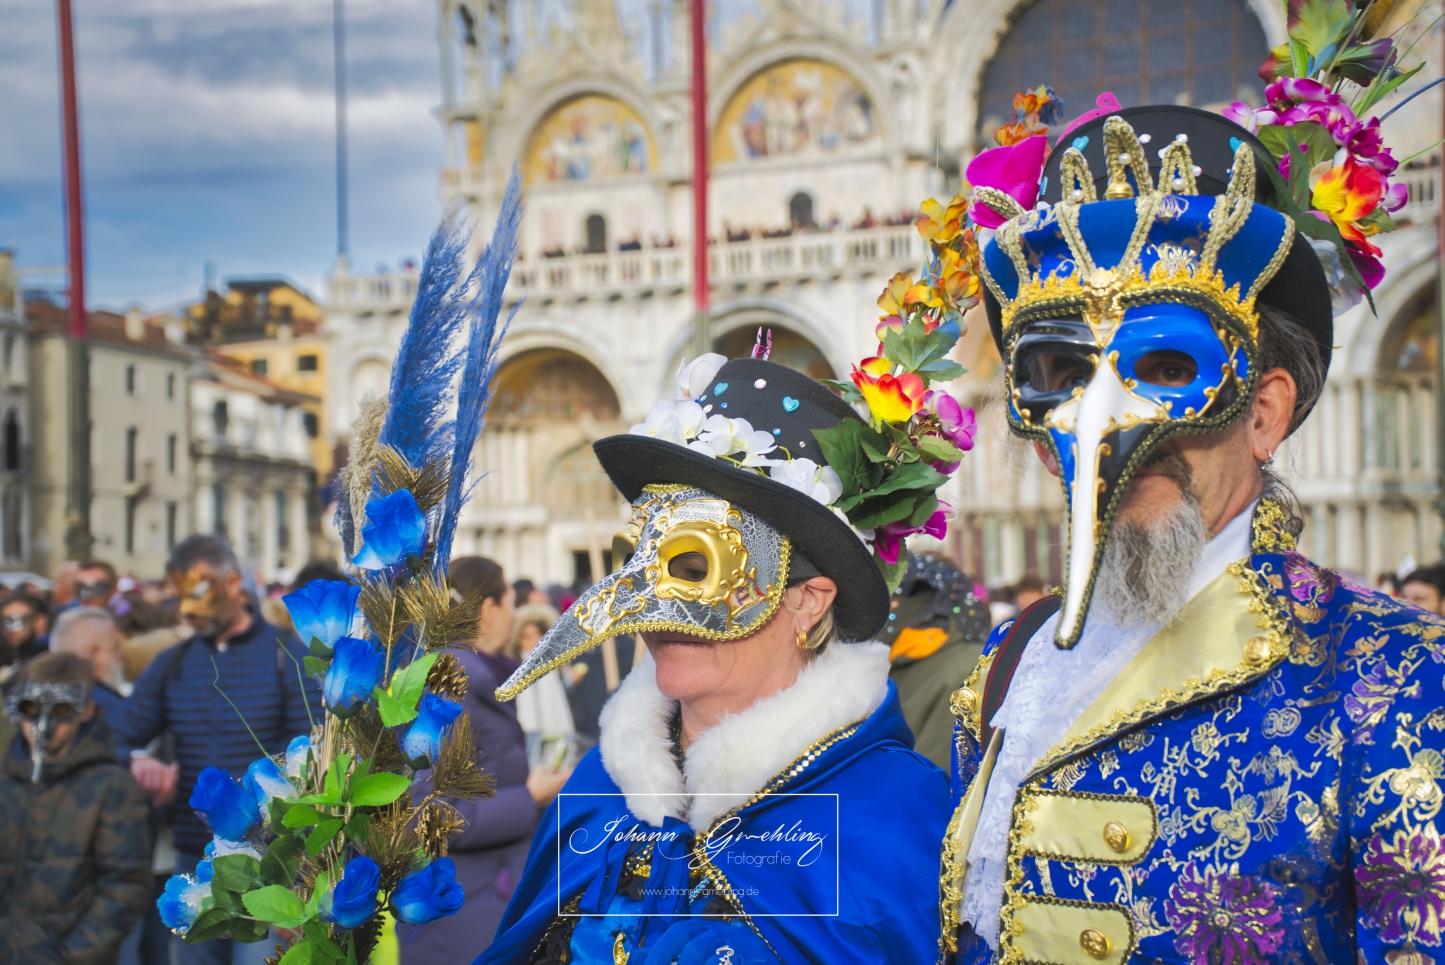 Blaue Maske beim Karneval in Venedig